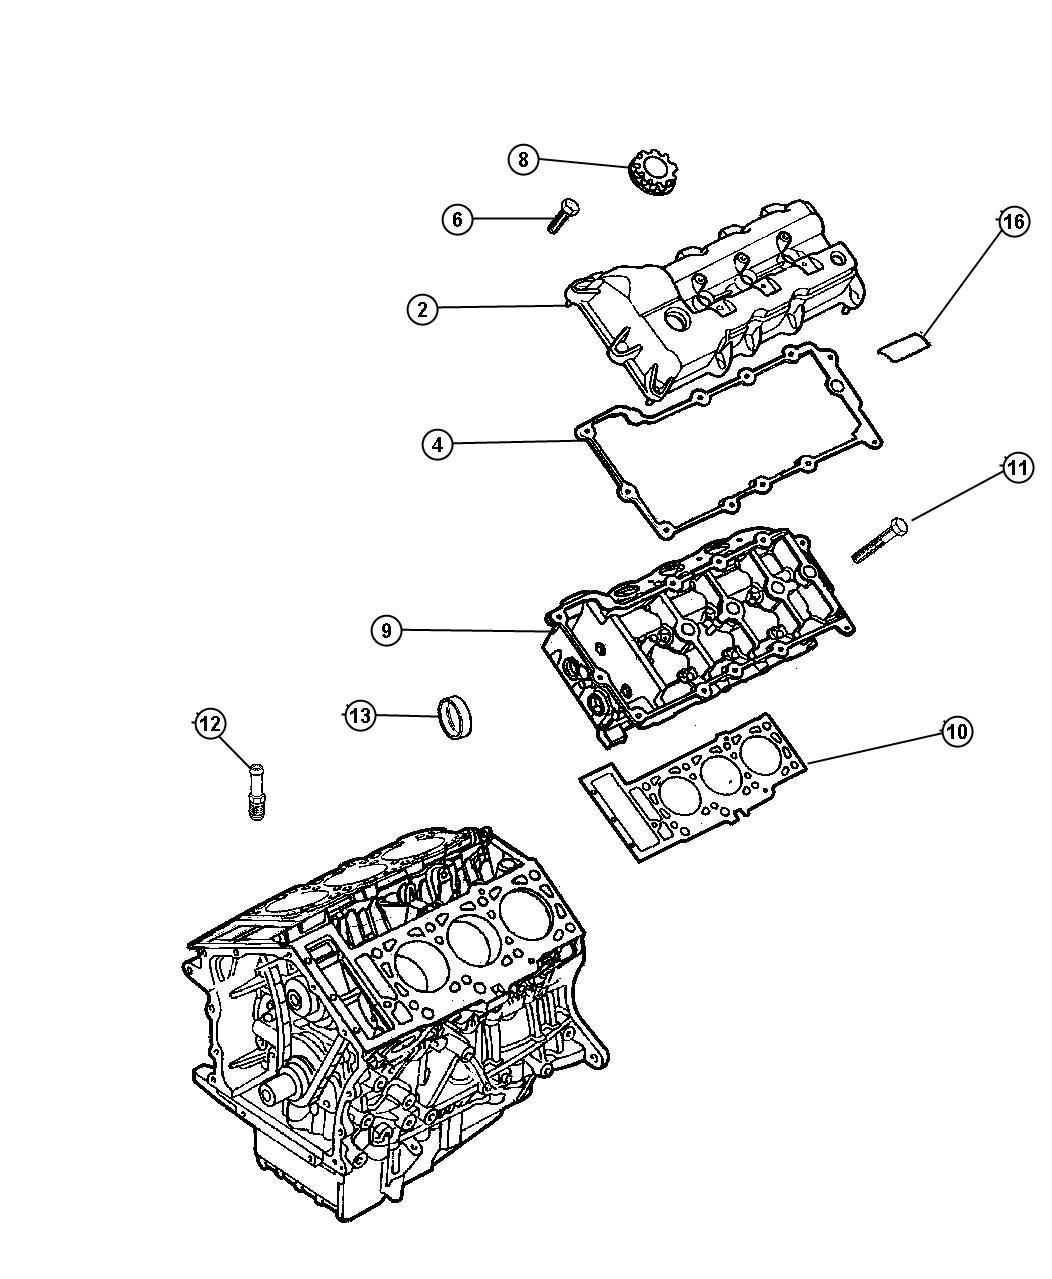 Diagram Dodge Intrepid 2 7l Engine Diagram Full